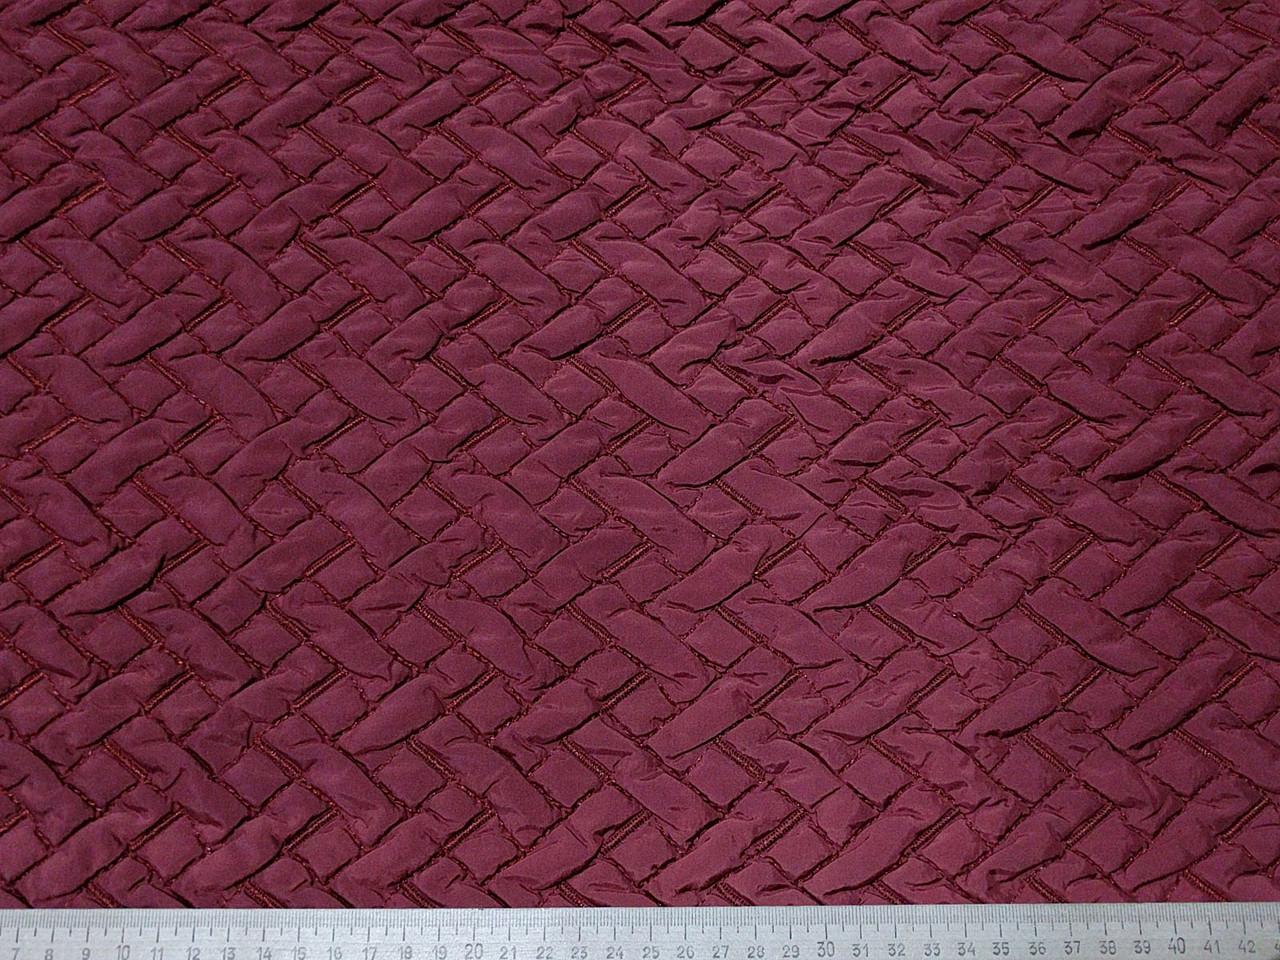 Ткань плащевка строченая зигзаг, кирпич - Атлас - розничная сеть магазинов тканей в Одессе